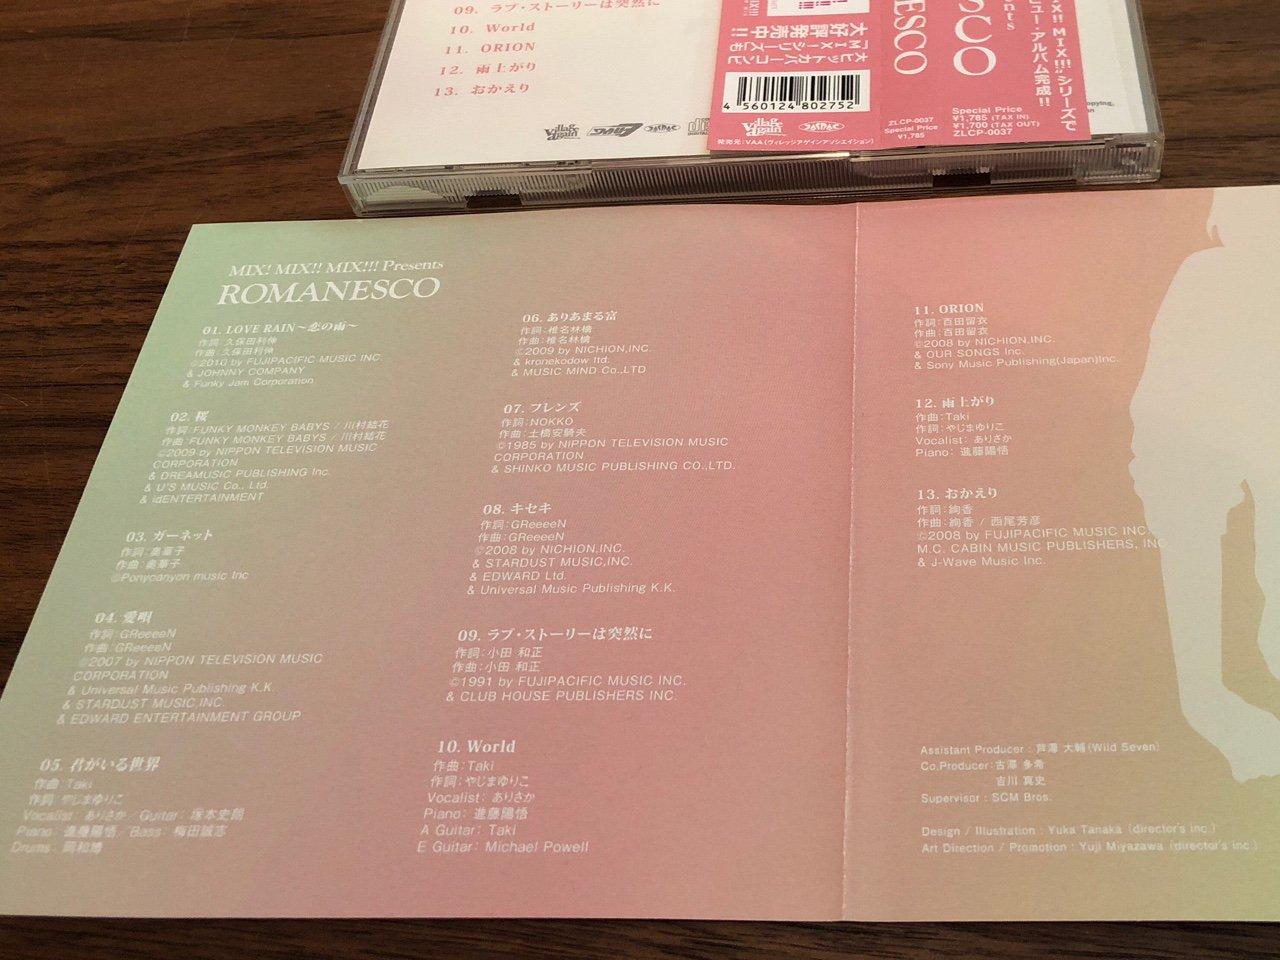 たくさんのカバー曲の中にオリジナル曲が3曲「君がいる世界」「World」「雨上がり」。3曲とも、作曲 Taki、作詞 やじまゆりこ、Vocalist ありさか、とクレジットされている。この3曲は好きなのでたまに聴いてる(*´∀`*) https://t.co/Eb3NUQn45f